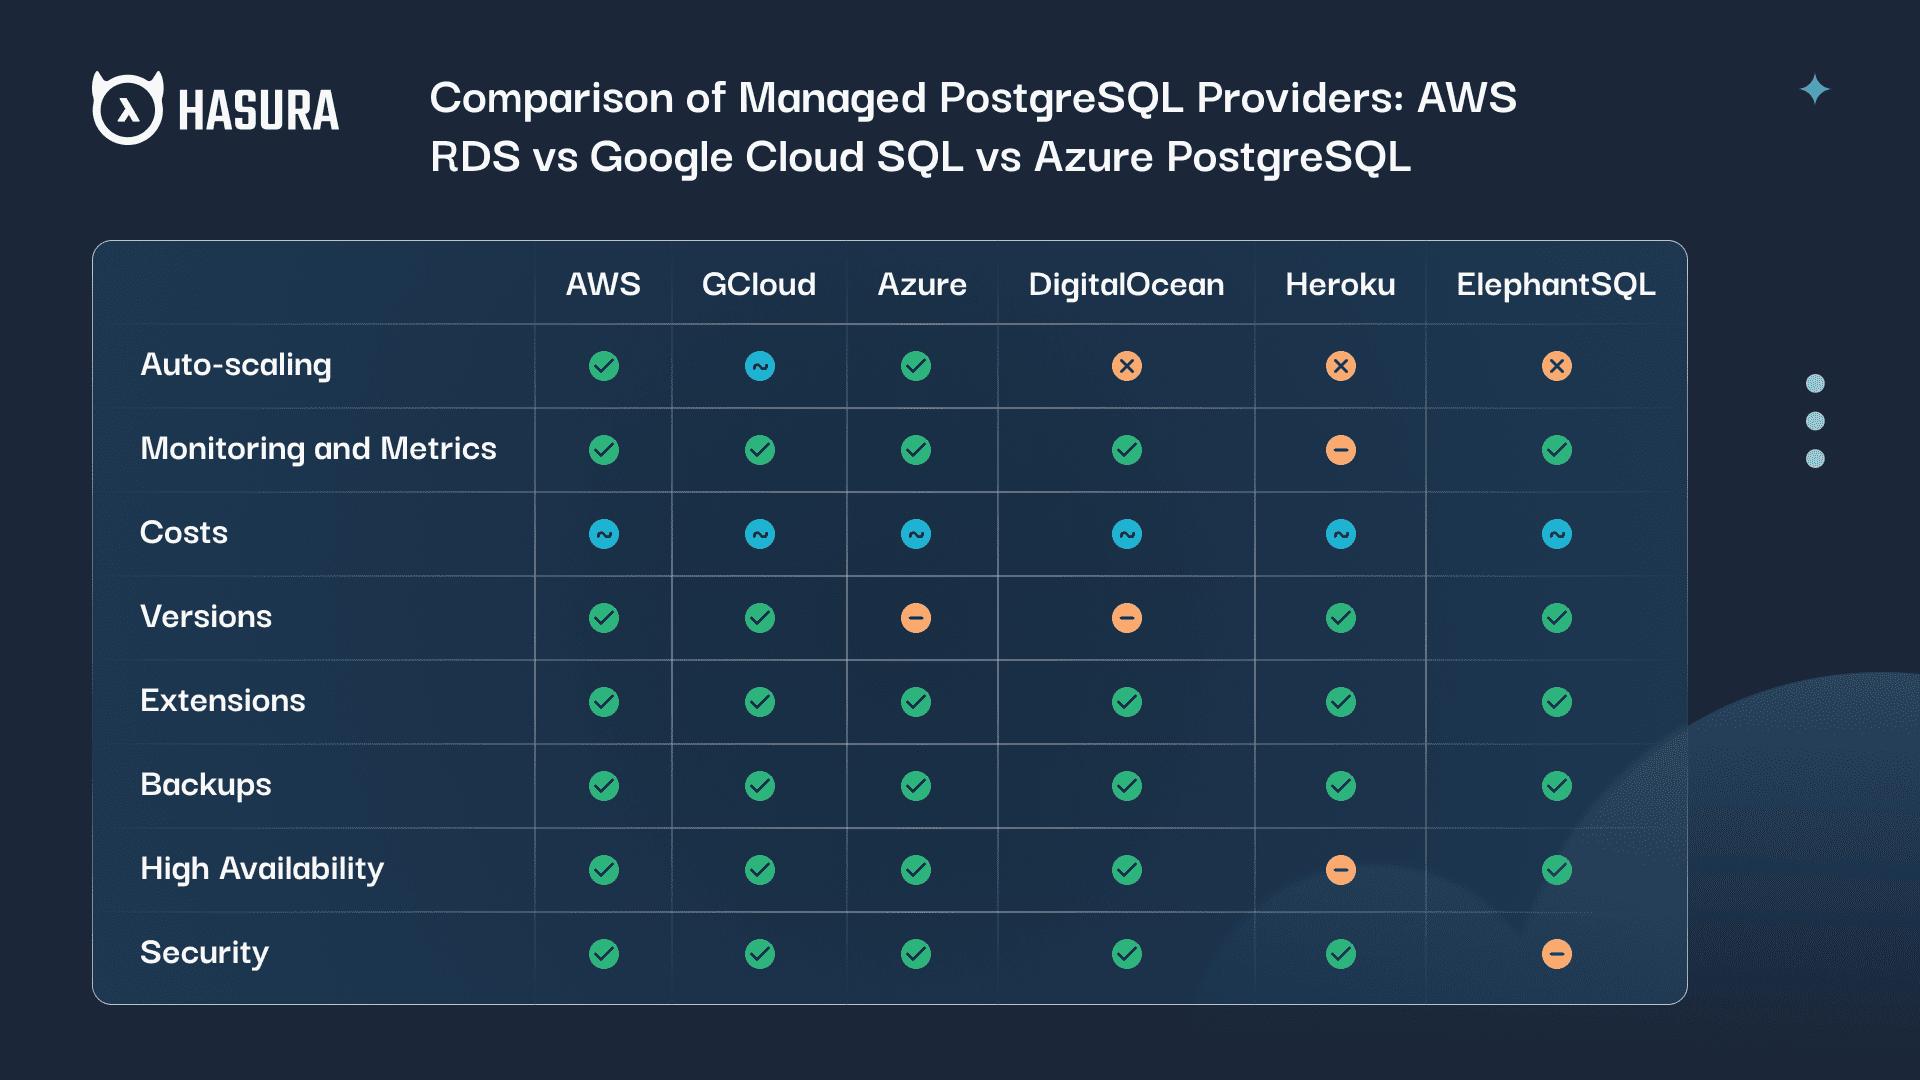 Comparison of Managed PostgreSQL Providers: AWS RDS vs Google Cloud SQL vs Azure PostgreSQL